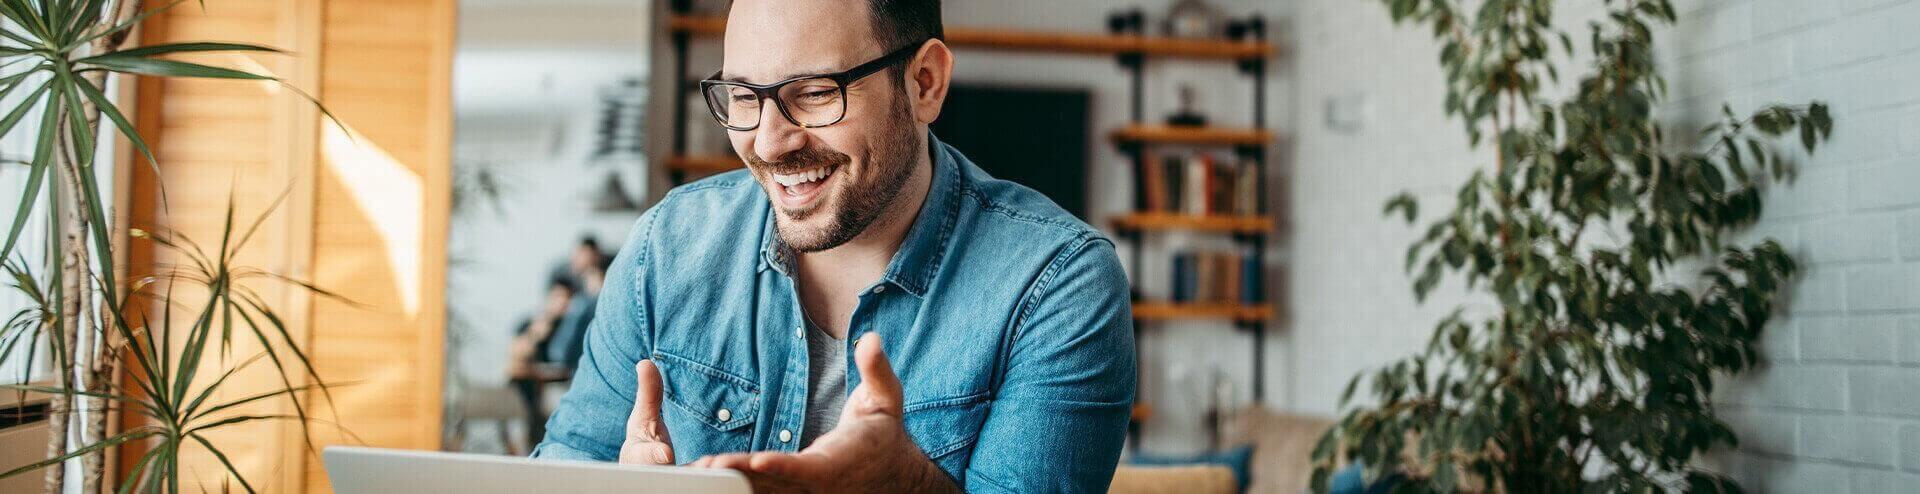 smiling man looking at his laptop